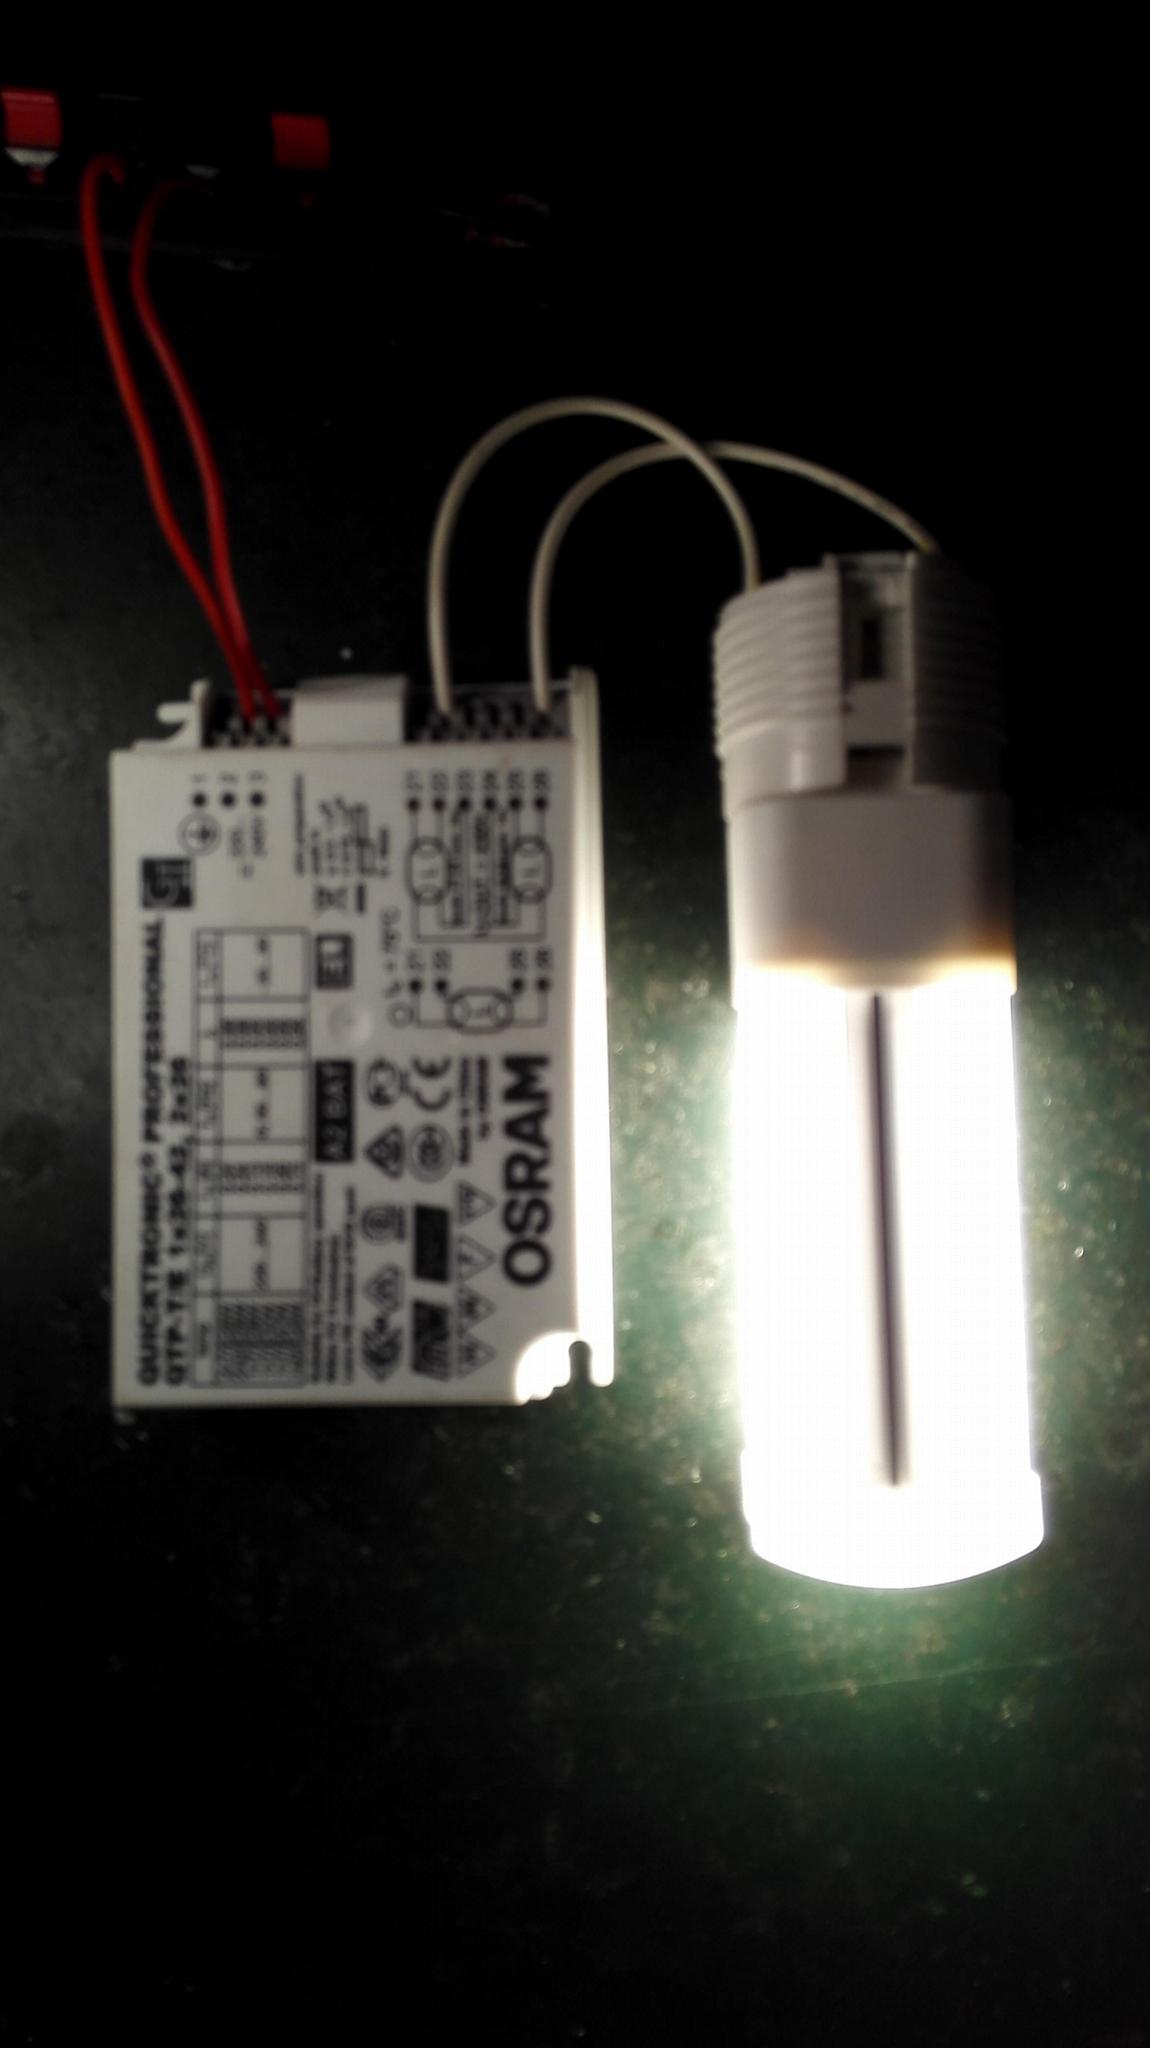 2G10兼容鎮電子流器橫插燈管7W 4